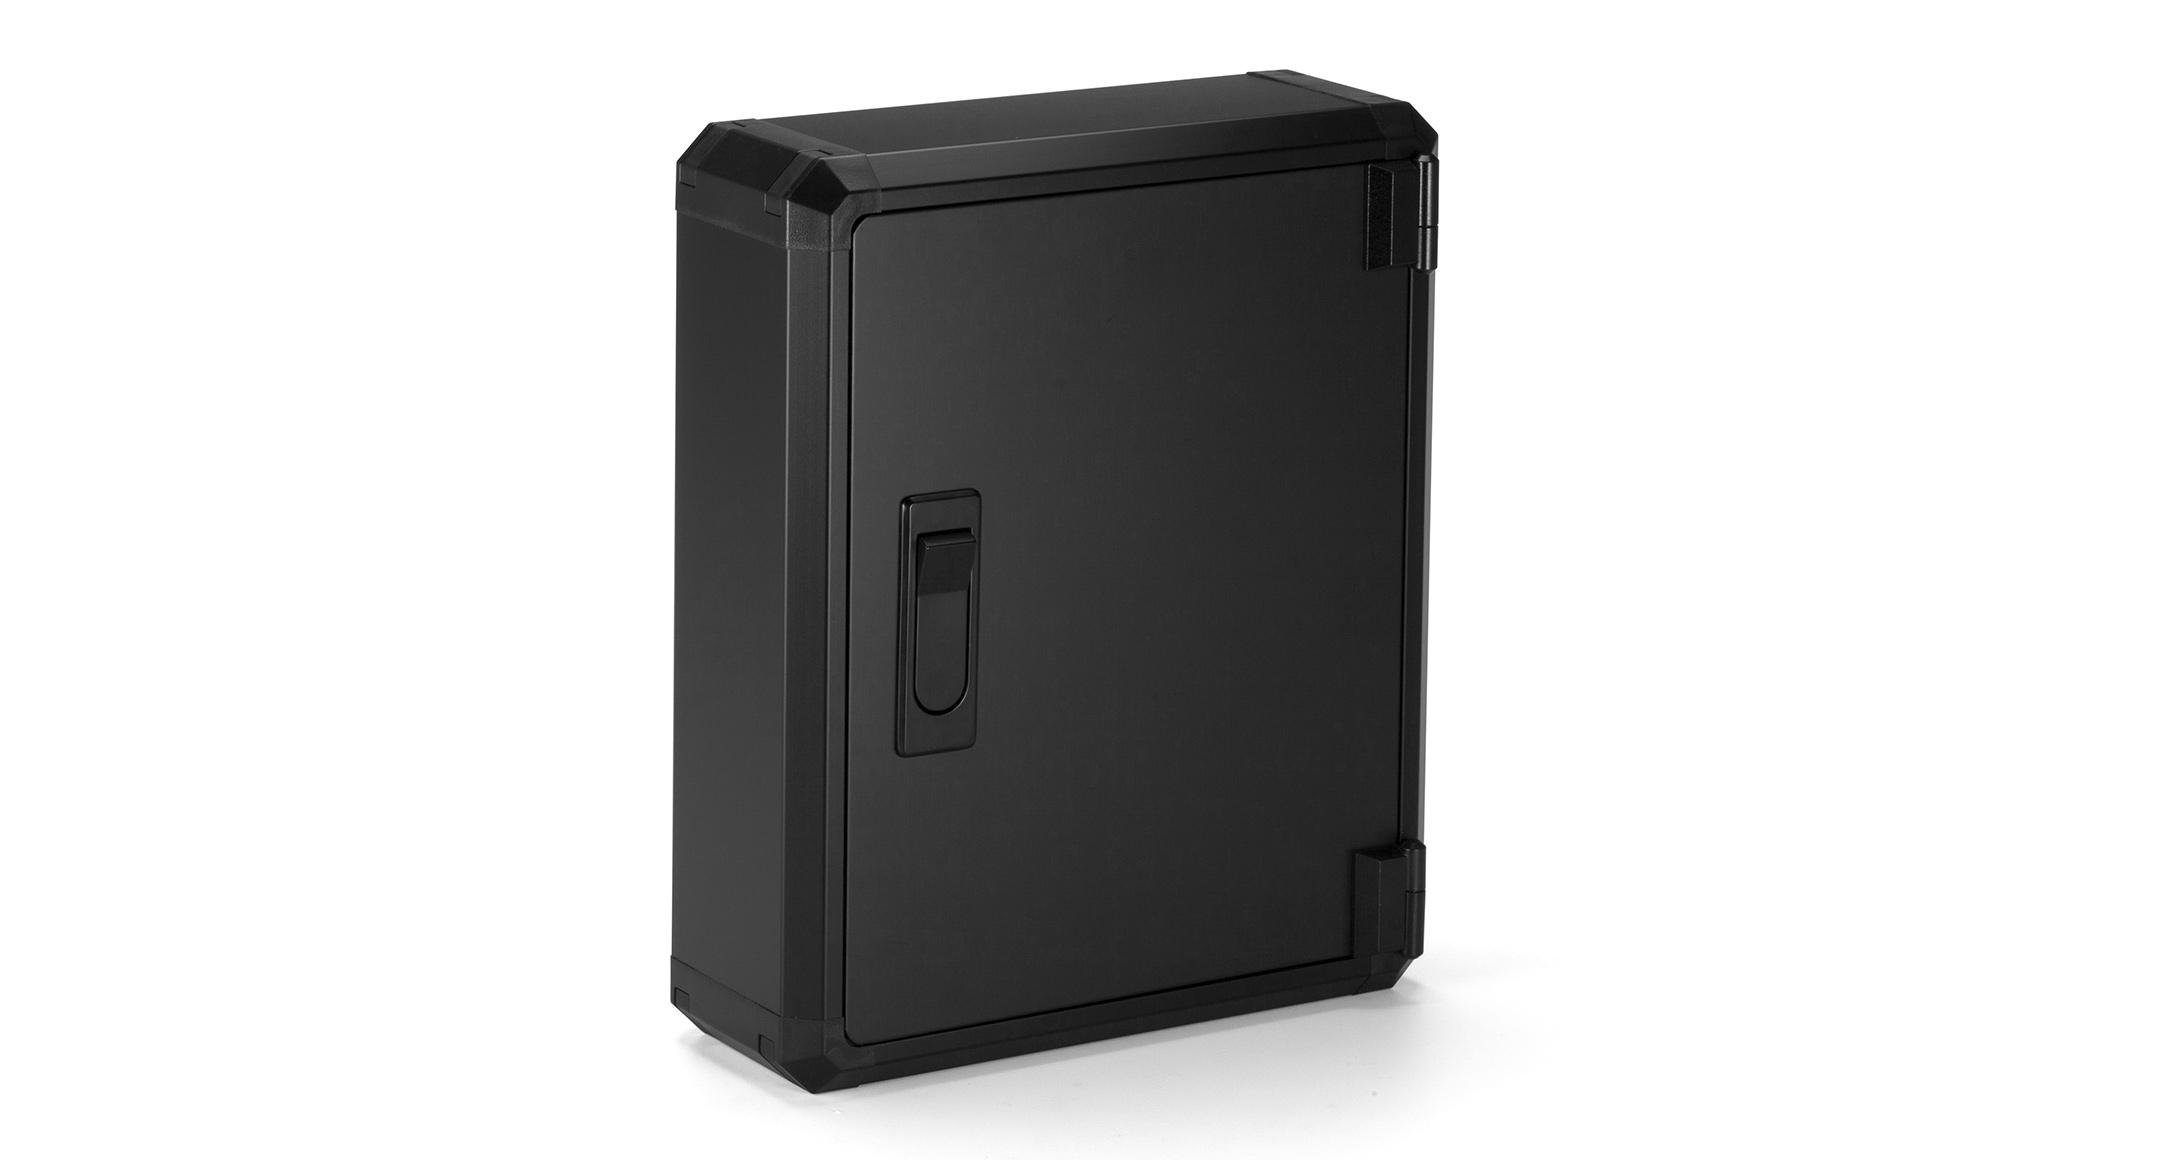 開閉式コントロールボックス FCWシリーズ:ブラック/ブラックの画像